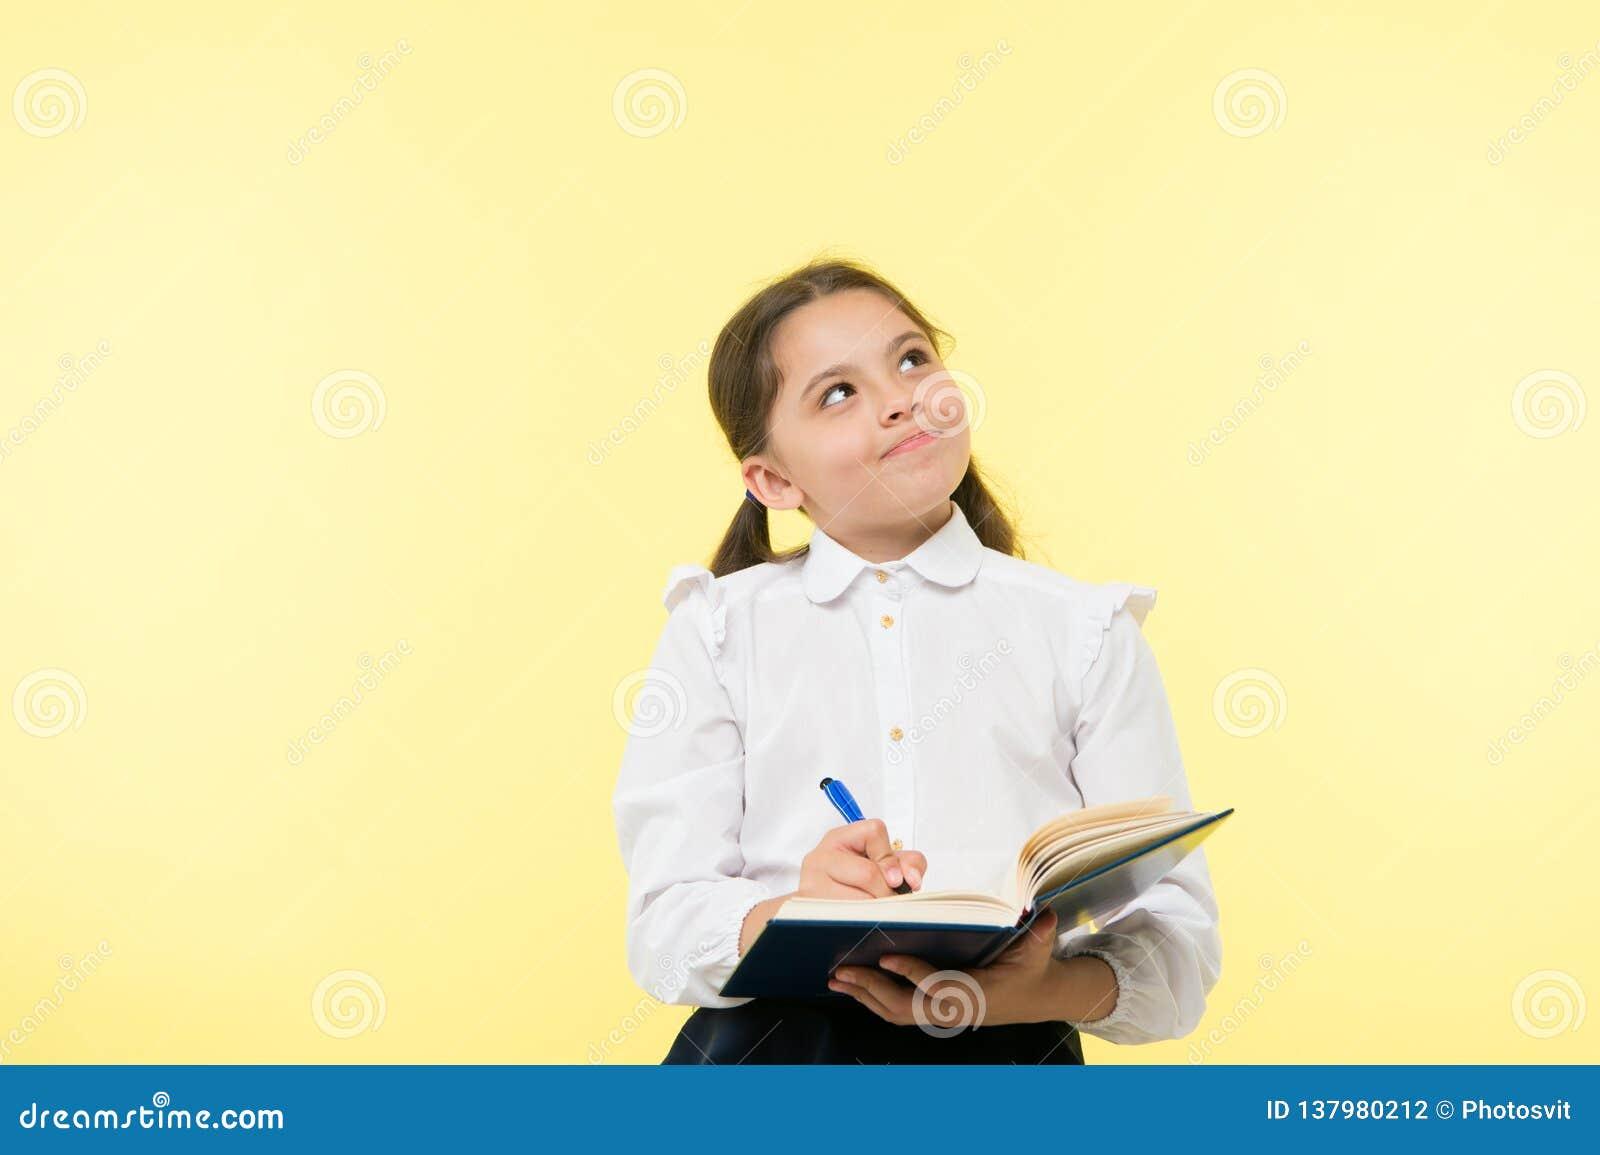 儿童做家庭作业的校服孩子 儿童女孩校服衣裳拿着书和笔 逗人喜爱的女孩写下想法